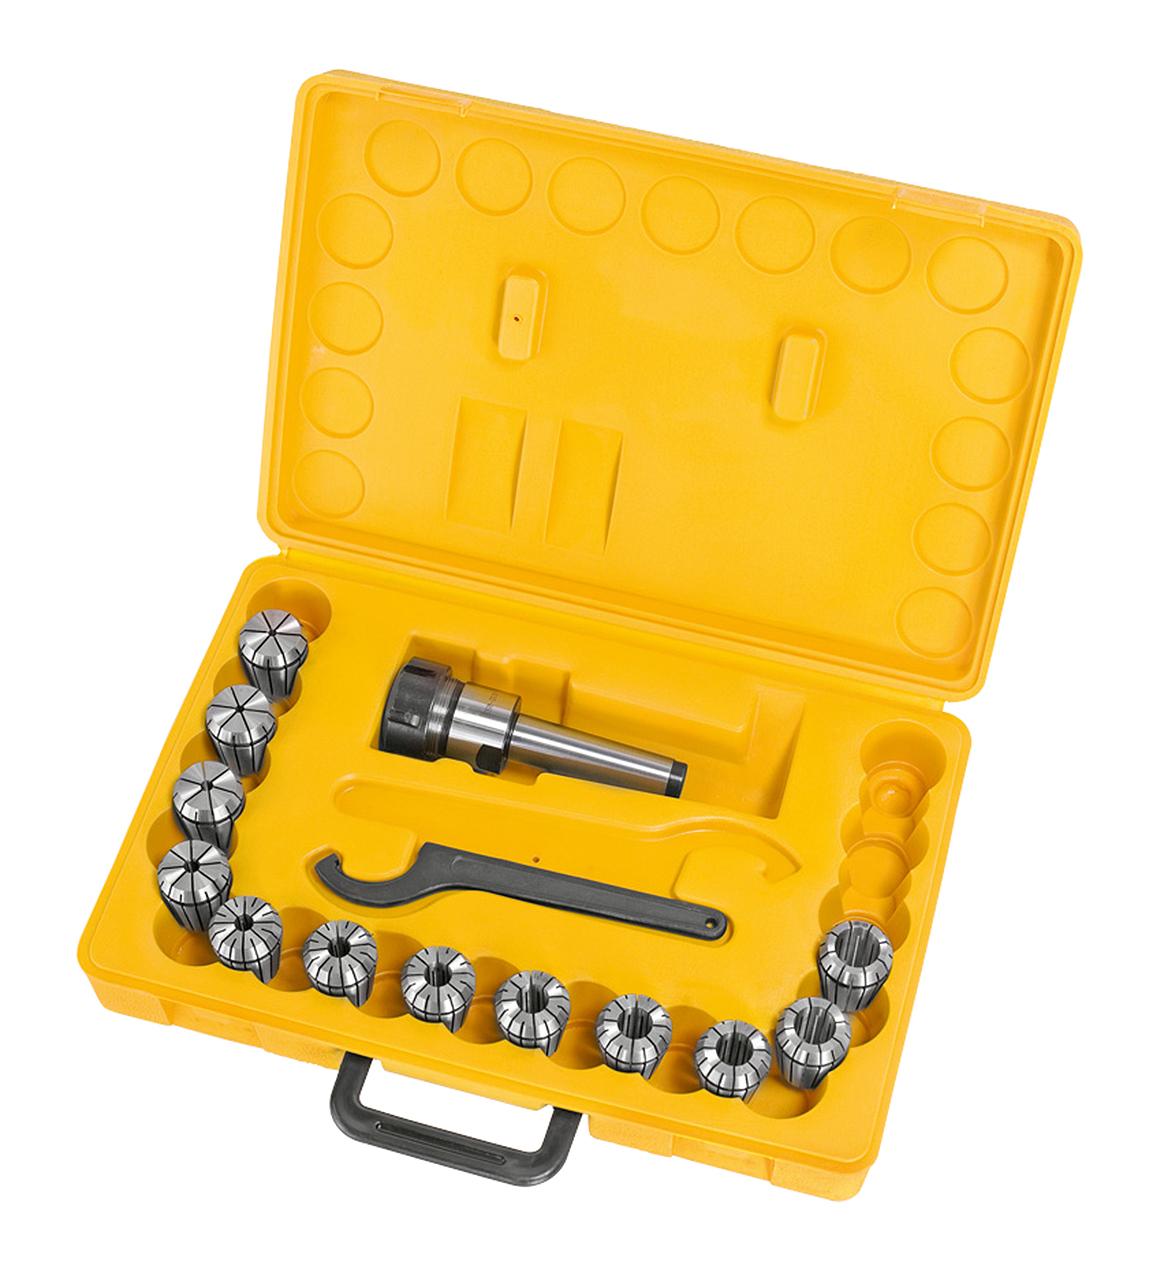 Tuleje zaciskowe frezu, zestaw ER 32, MK 3, 3 - 20 mm, 13 szt. BERNARDO